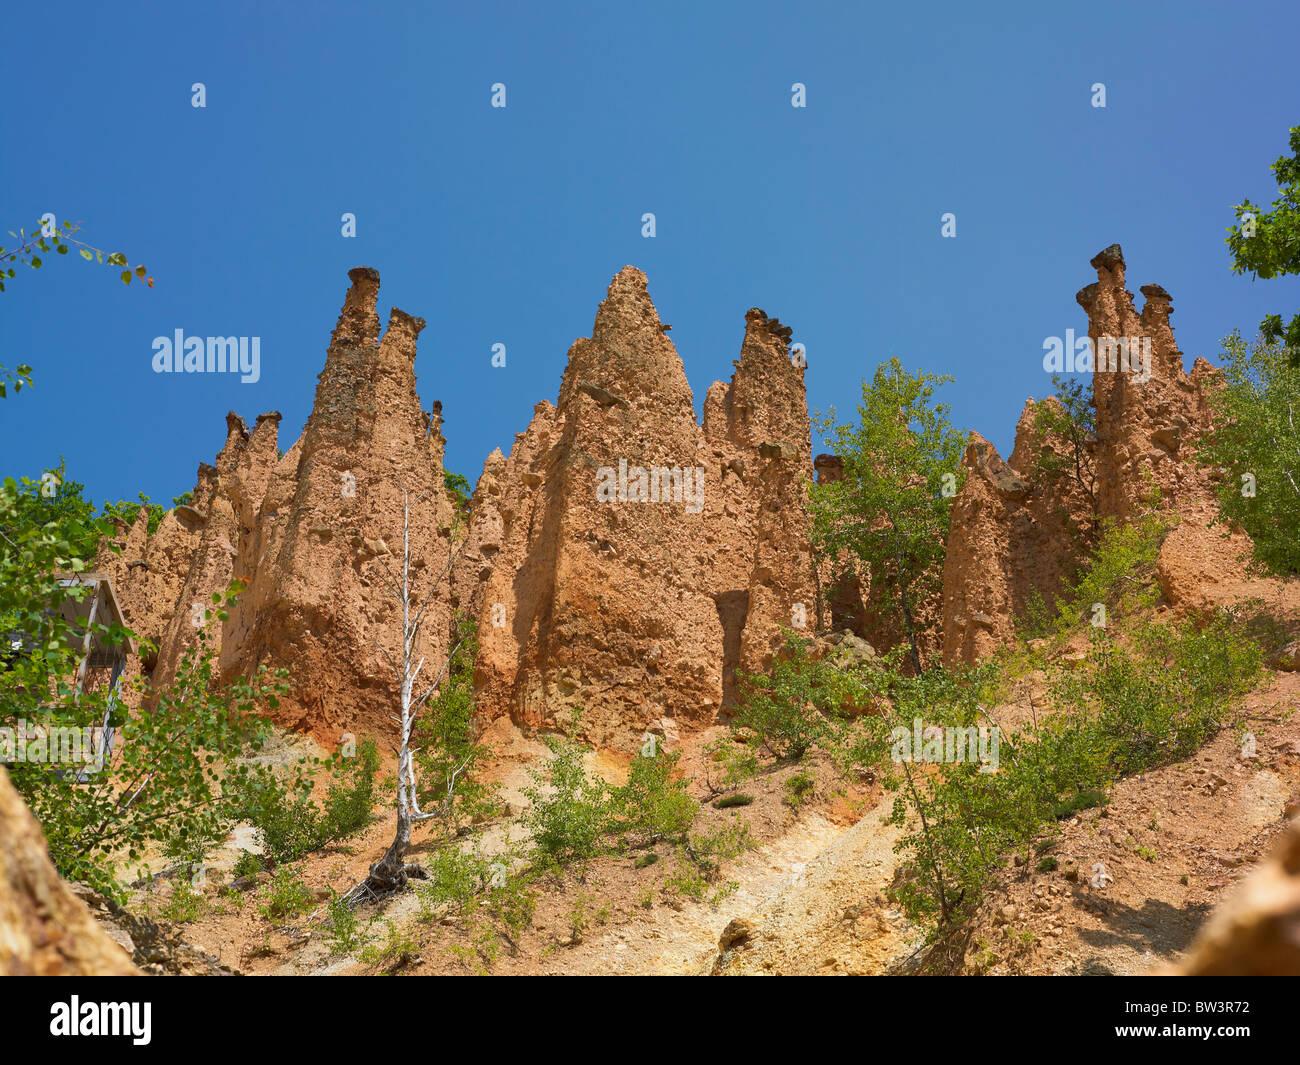 Devil's Town Natural Phenomenon In Serbia - Stock Image